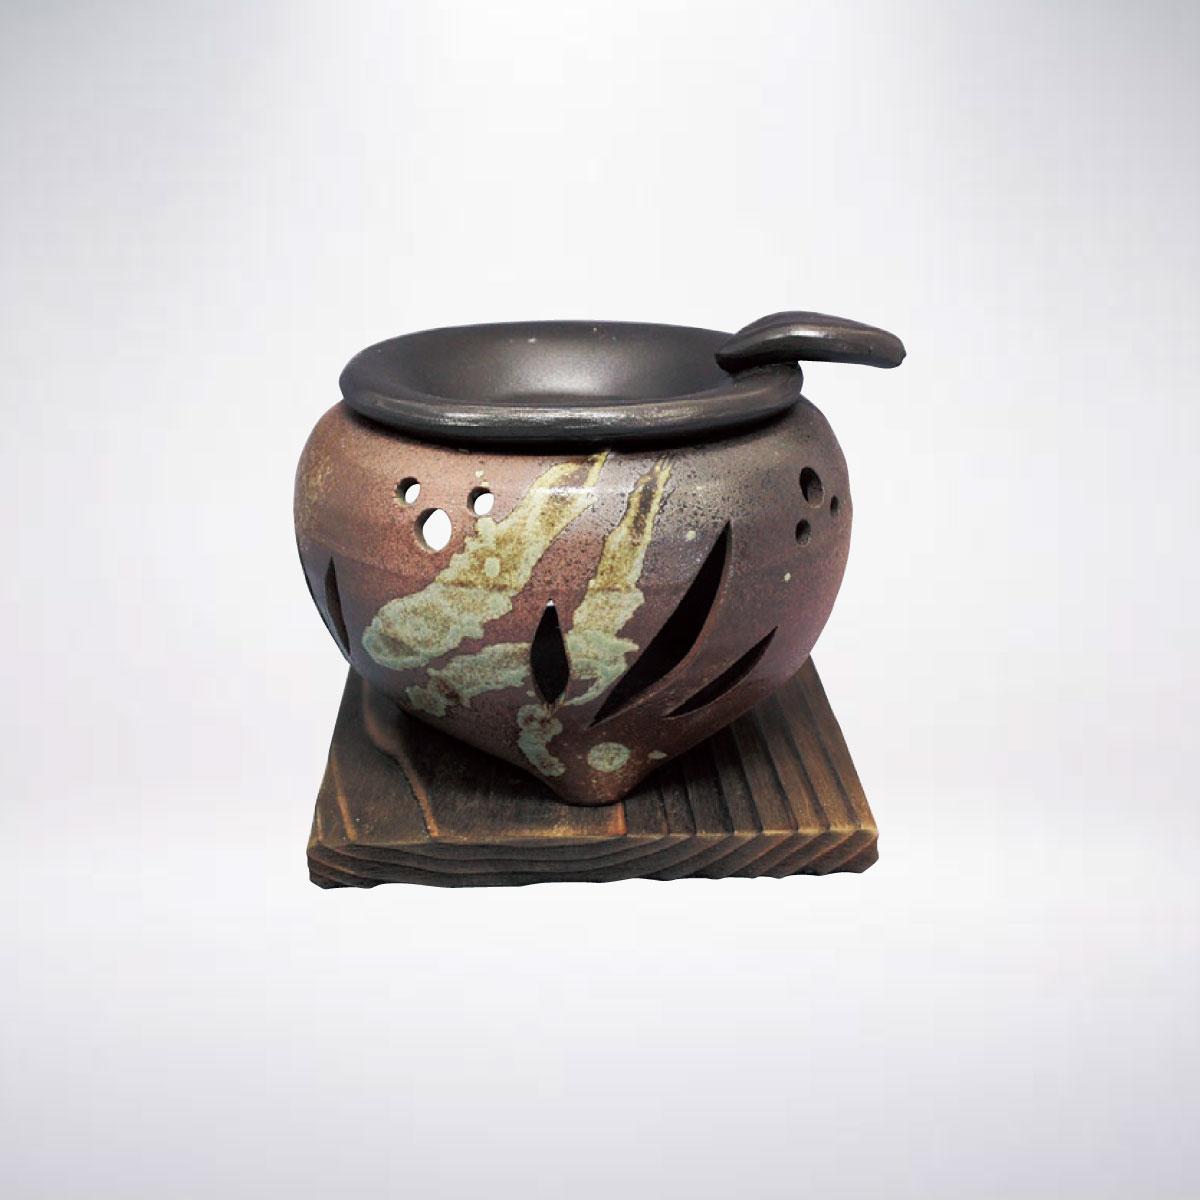 消臭 脱臭 効果あり間接照明としてのインテリアに 常滑焼 ロウソクタイプ茶香炉 アロマ 香料 癒し リラックス 間接照明 インテリア 雑貨 リラクゼーション 完全送料無料 陶器 茶葉 店内限界値引き中&セルフラッピング無料